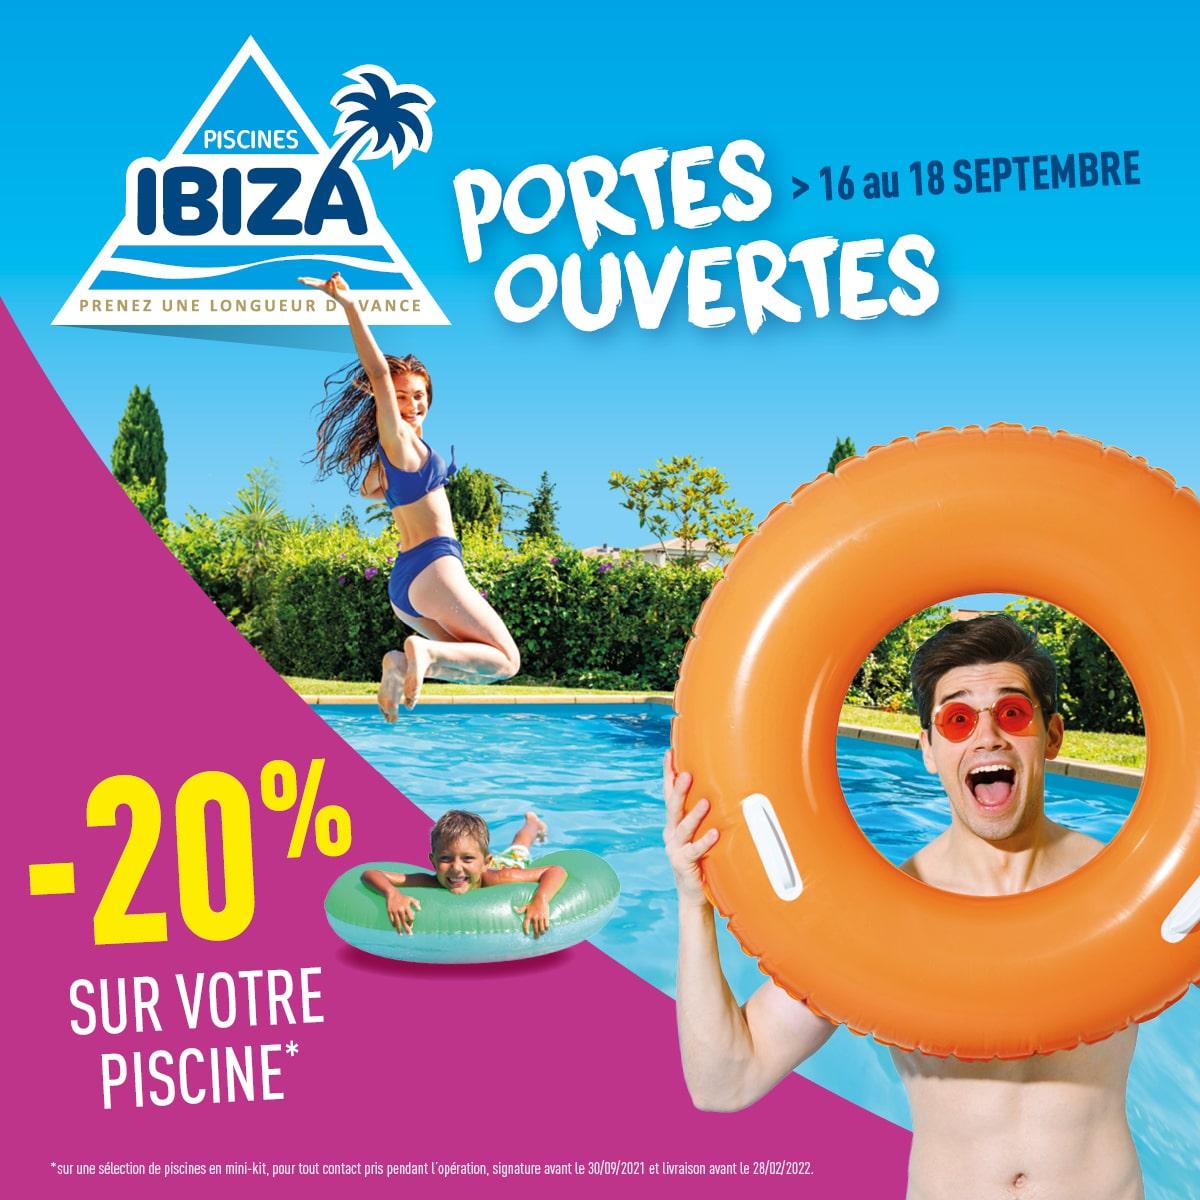 Journées portes ouvertes Piscines Ibiza du 16 au 18 septembre 2021